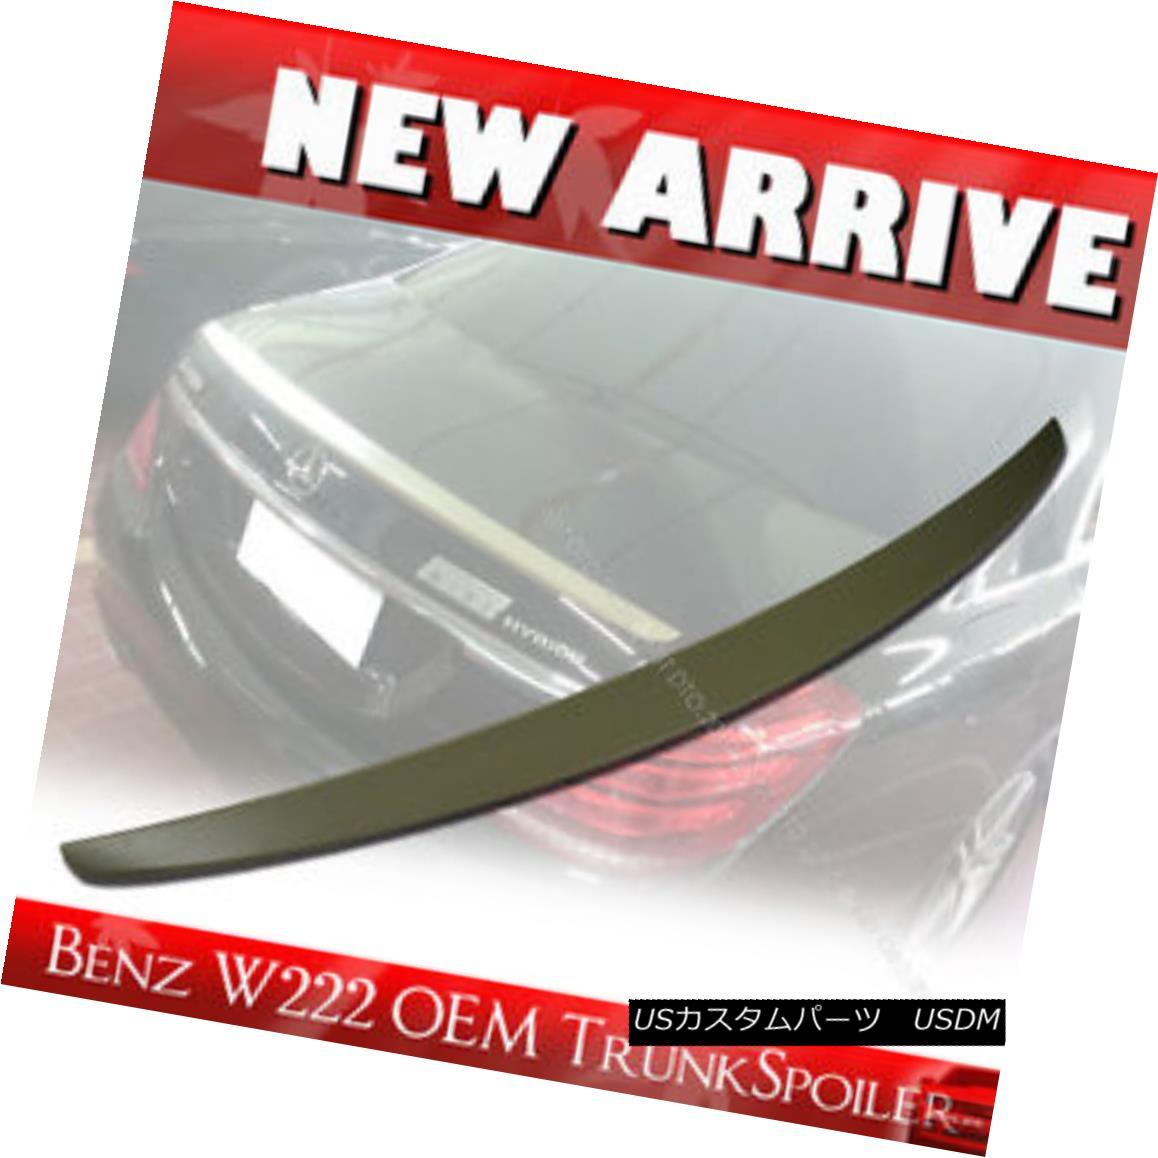 エアロパーツ Painted OE Trunk Spoiler For Mercedes Benz S-Class W222 Sedan S600 S550 メルセデスベンツSクラスW222セダンS600 S550用のペイントされたOEトランク・スポイラー